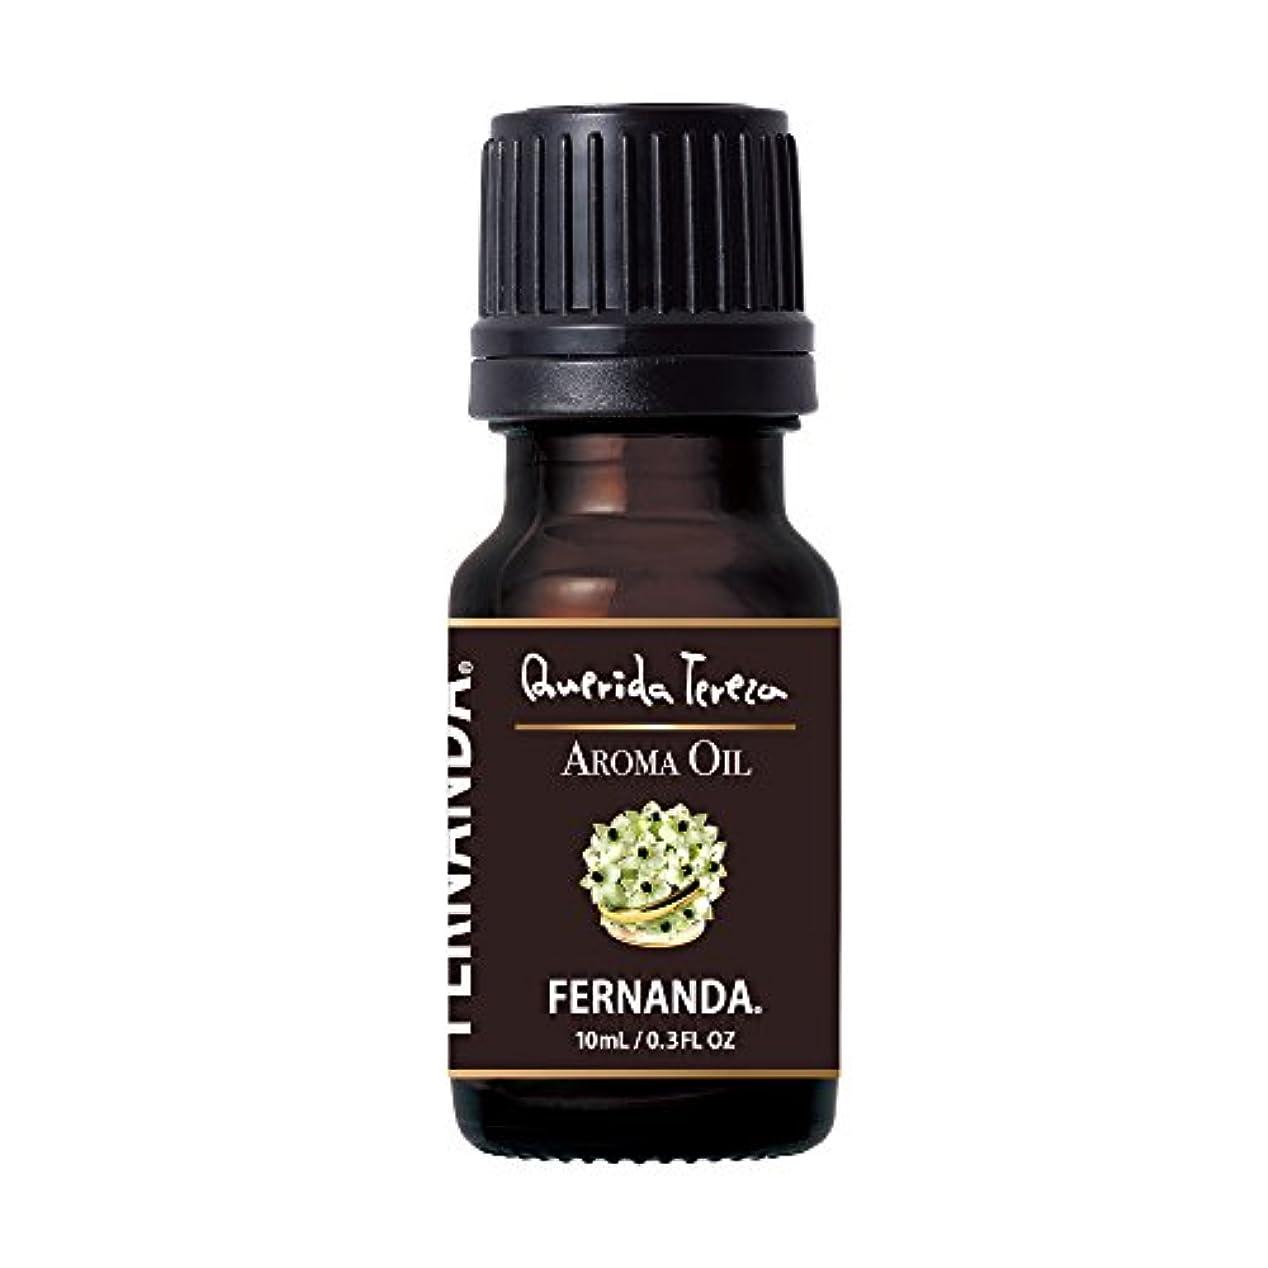 フラグラント満足させるサイズFERNANDA(フェルナンダ) Fragrance Aroma Oil Querida Tereza (アロマオイル ケリーダテレーザ)